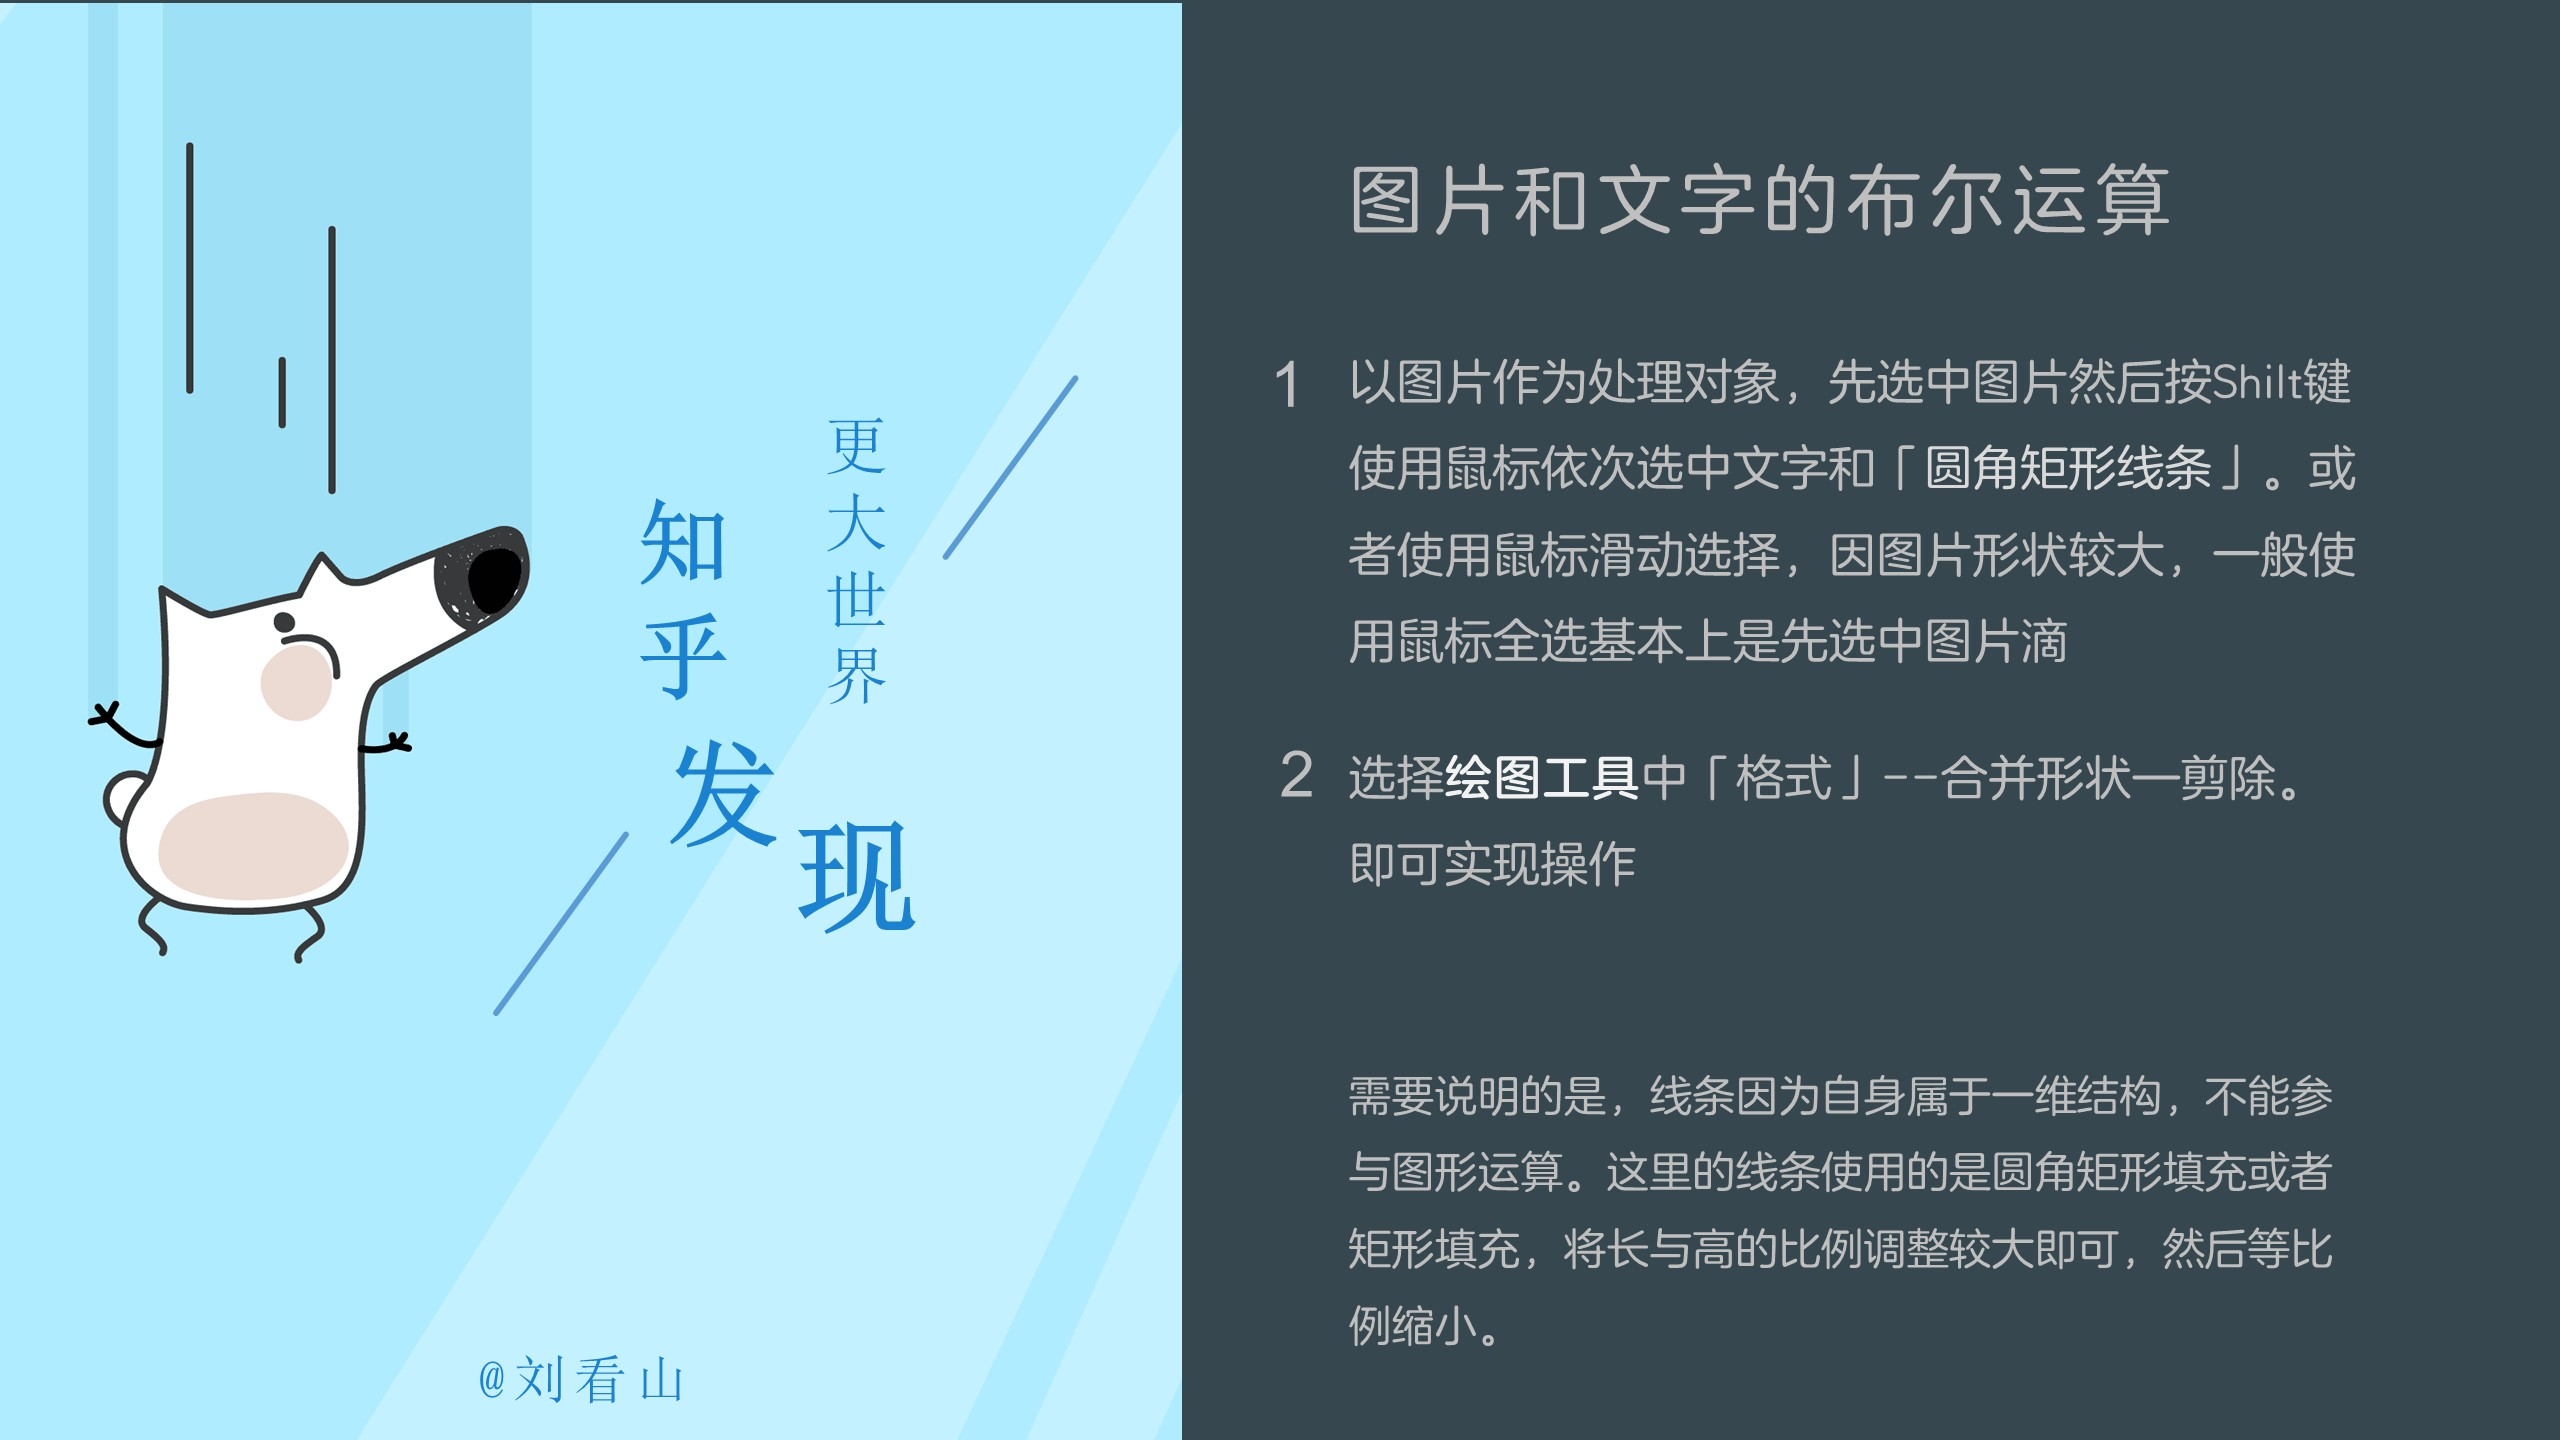 能提高PPT制作效率的5大类技巧